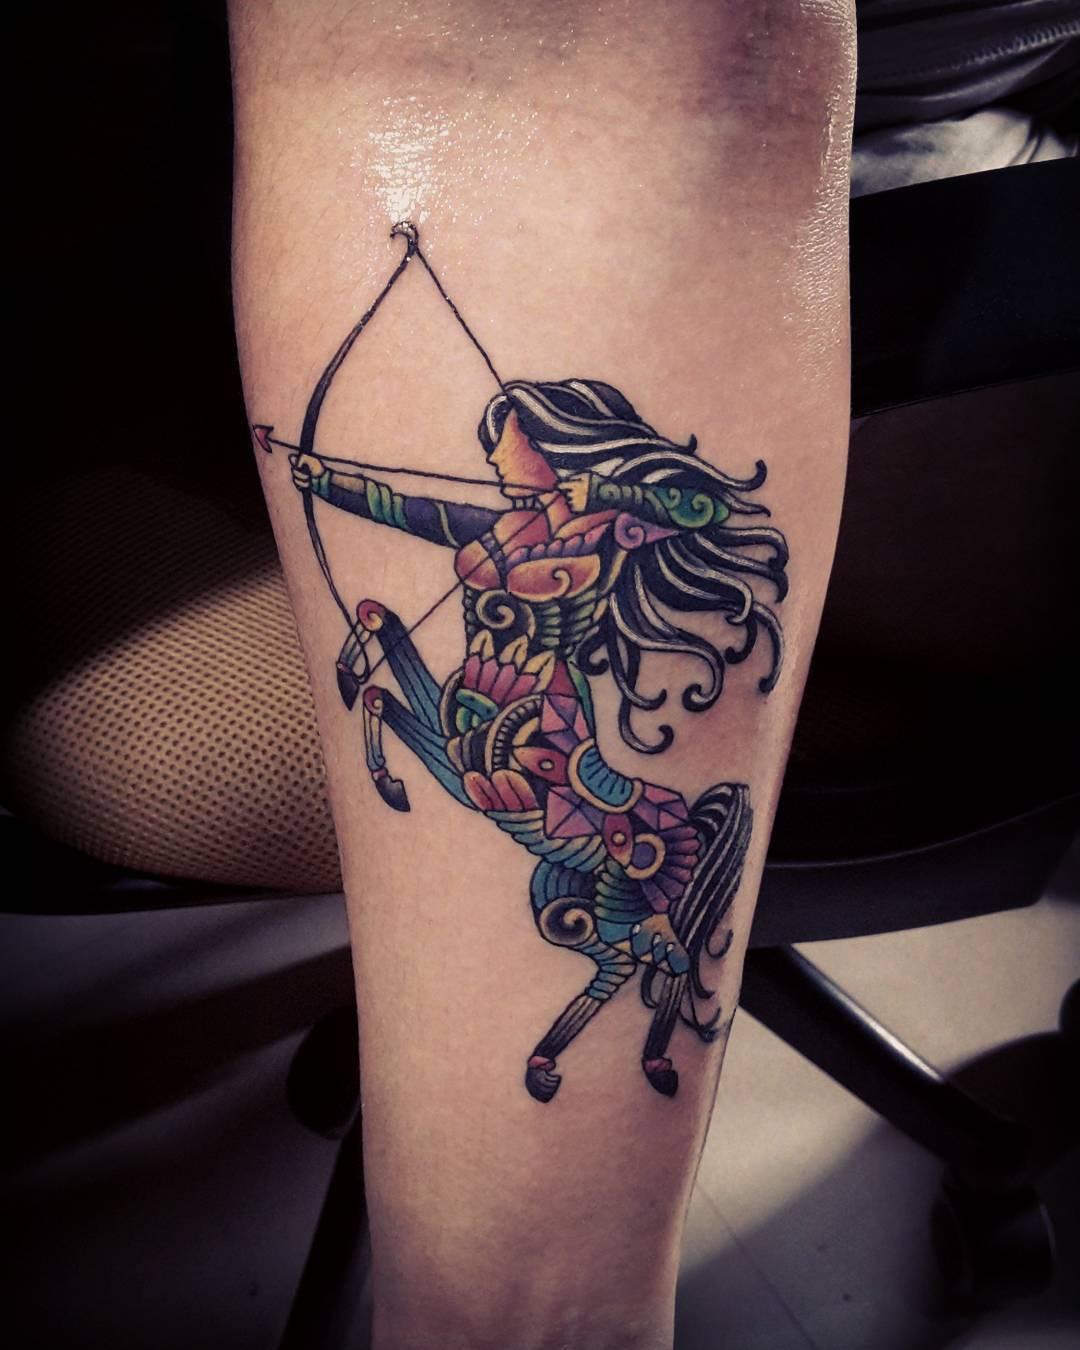 """Foto: Reprodução / <a href=""""https://www.instagram.com/p/_wBYF7ps8V/"""" target=""""_blank"""">Joseph Tattoo</a>"""